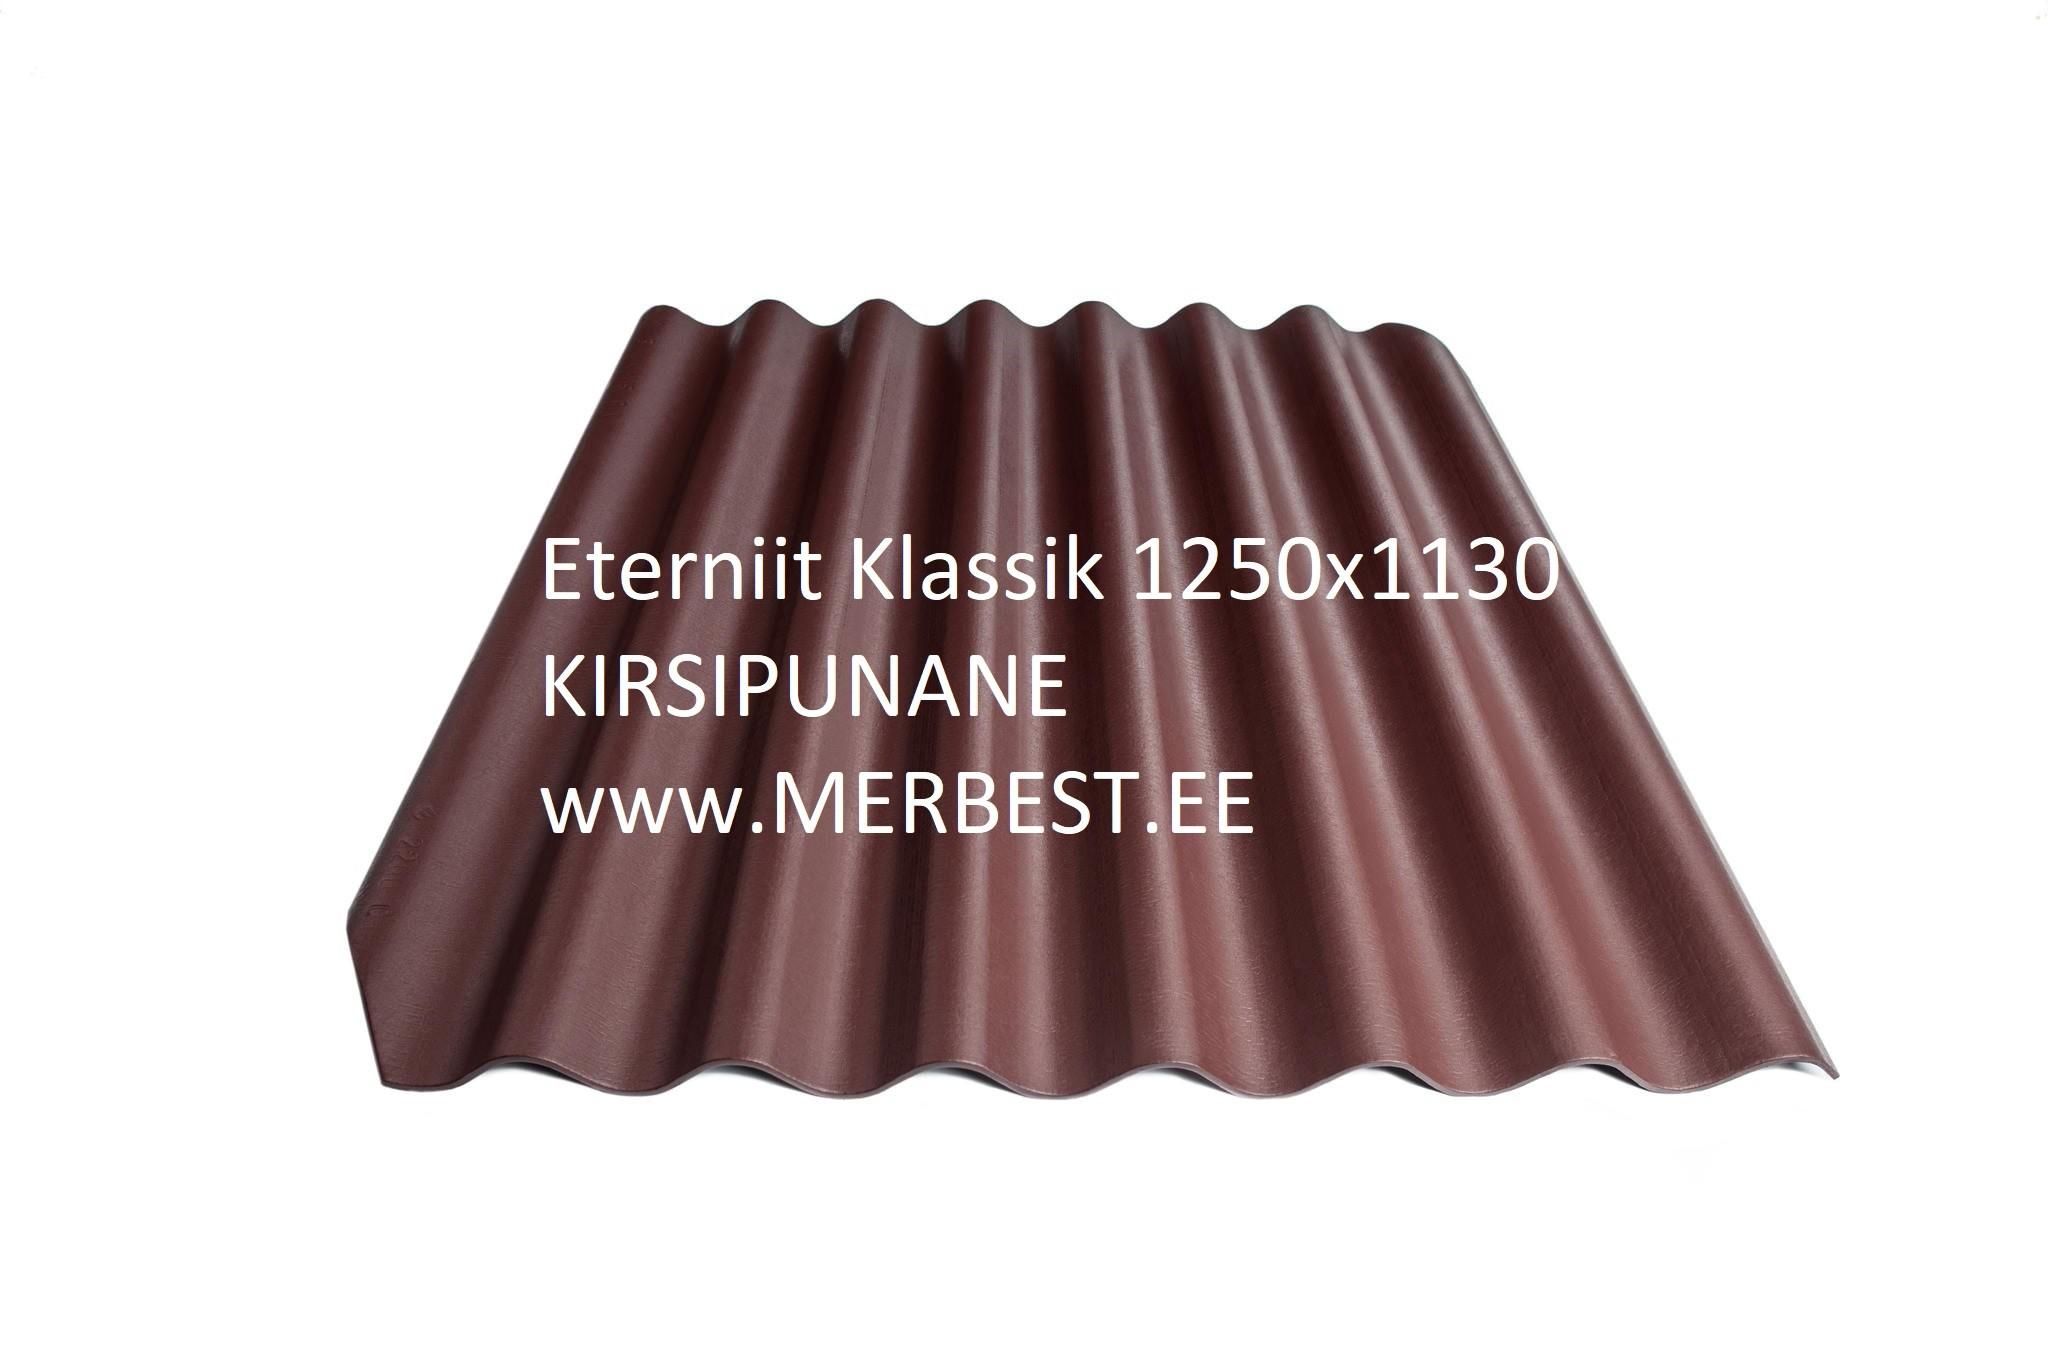 Eternit_Klasika_BL22_large kirsipunane 1250x1130 eterniit, eterniidi müük, katuseplaat, laineplaat, eterniidi vahetus, katusetööd, merbest oü